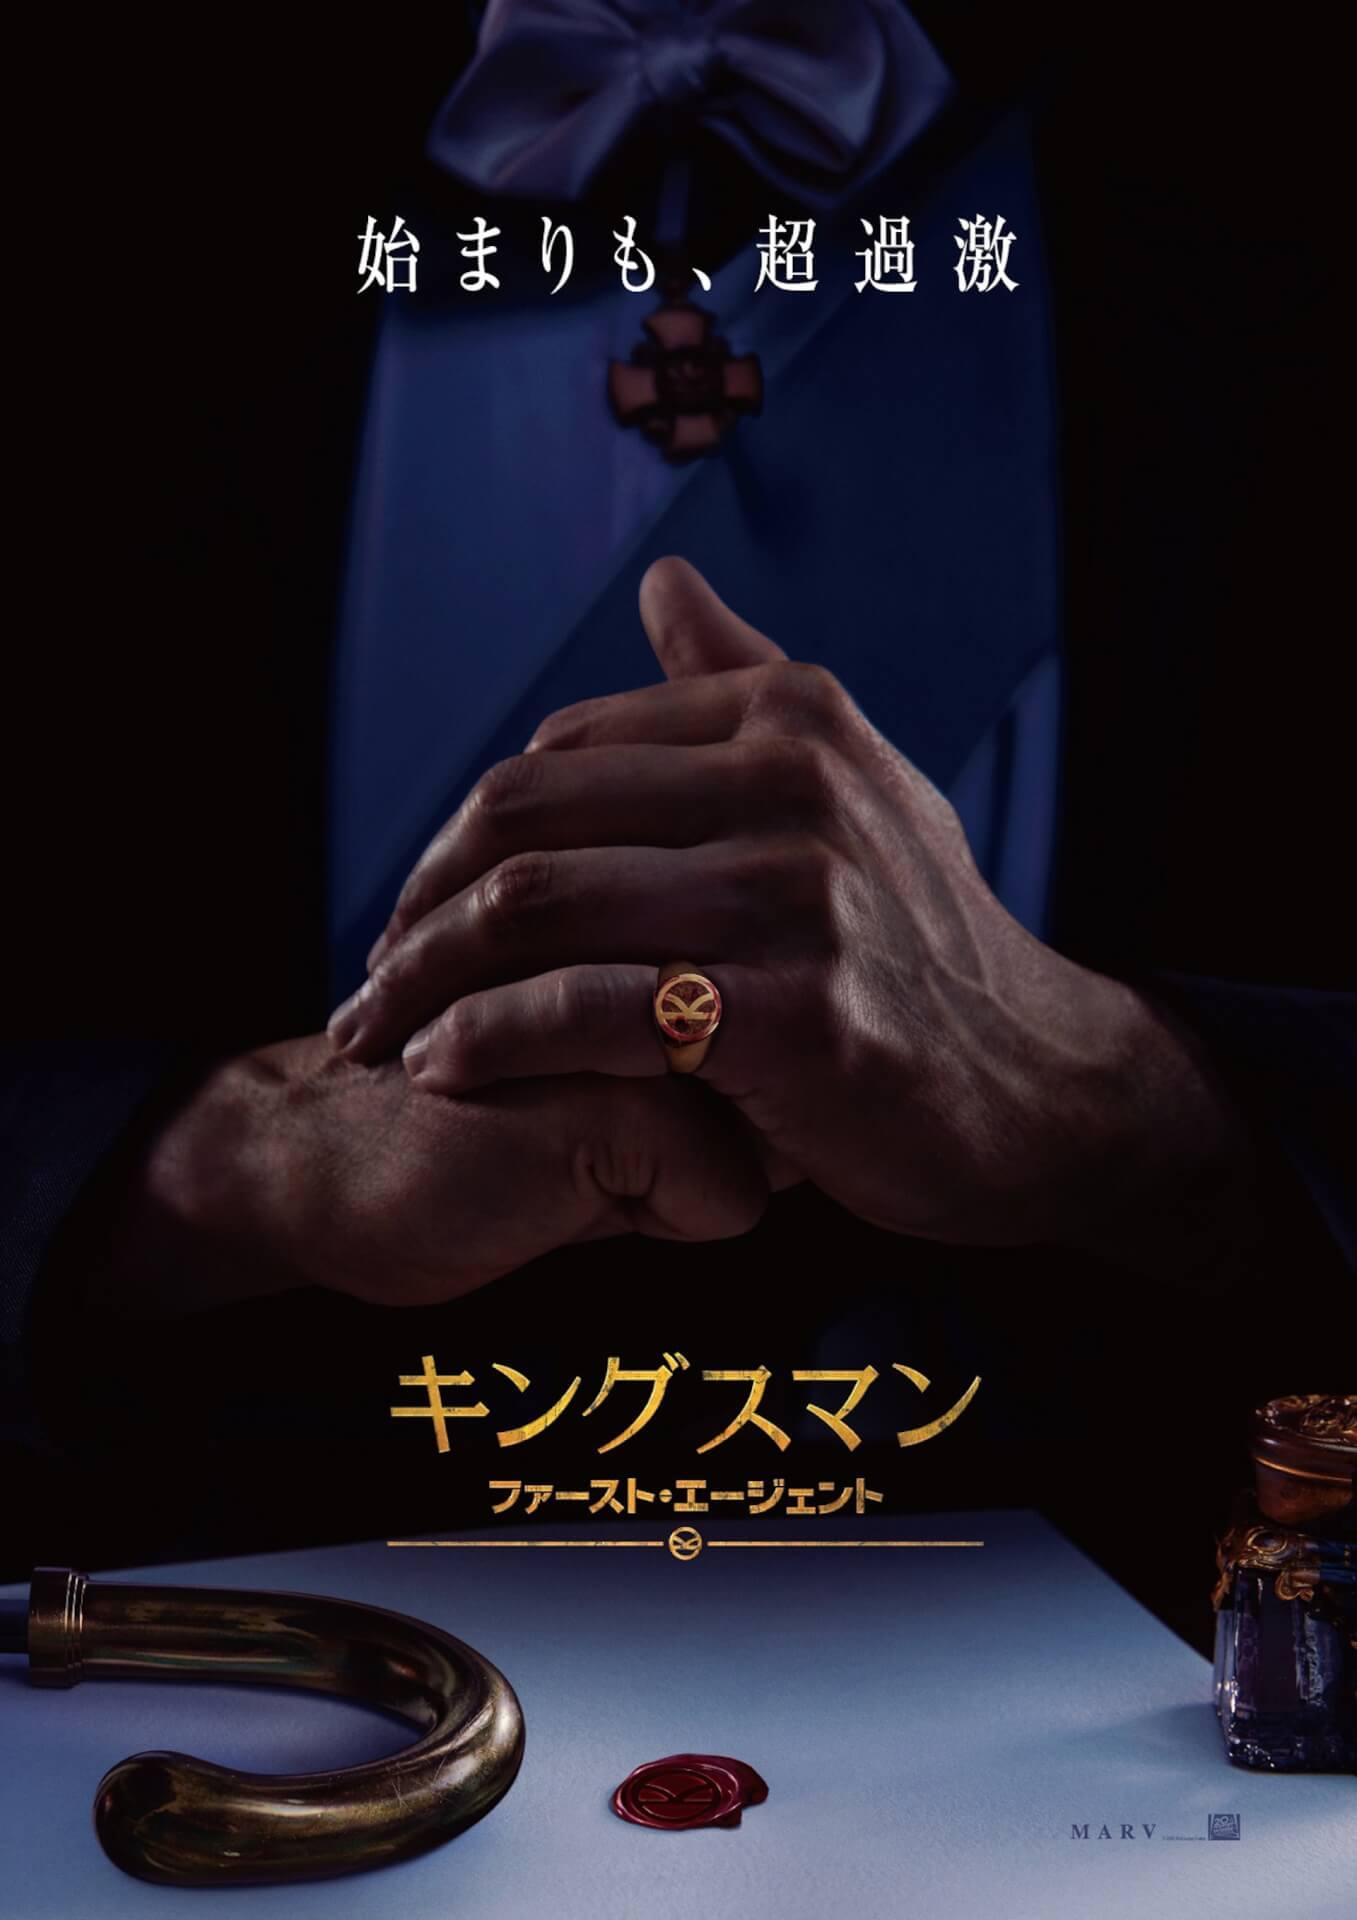 『キングスマン:ファースト・エージェント』の公開日がついに決定!新場面写真も解禁&マシュー・ヴォーンからのコメントも film200617_kingsman_4